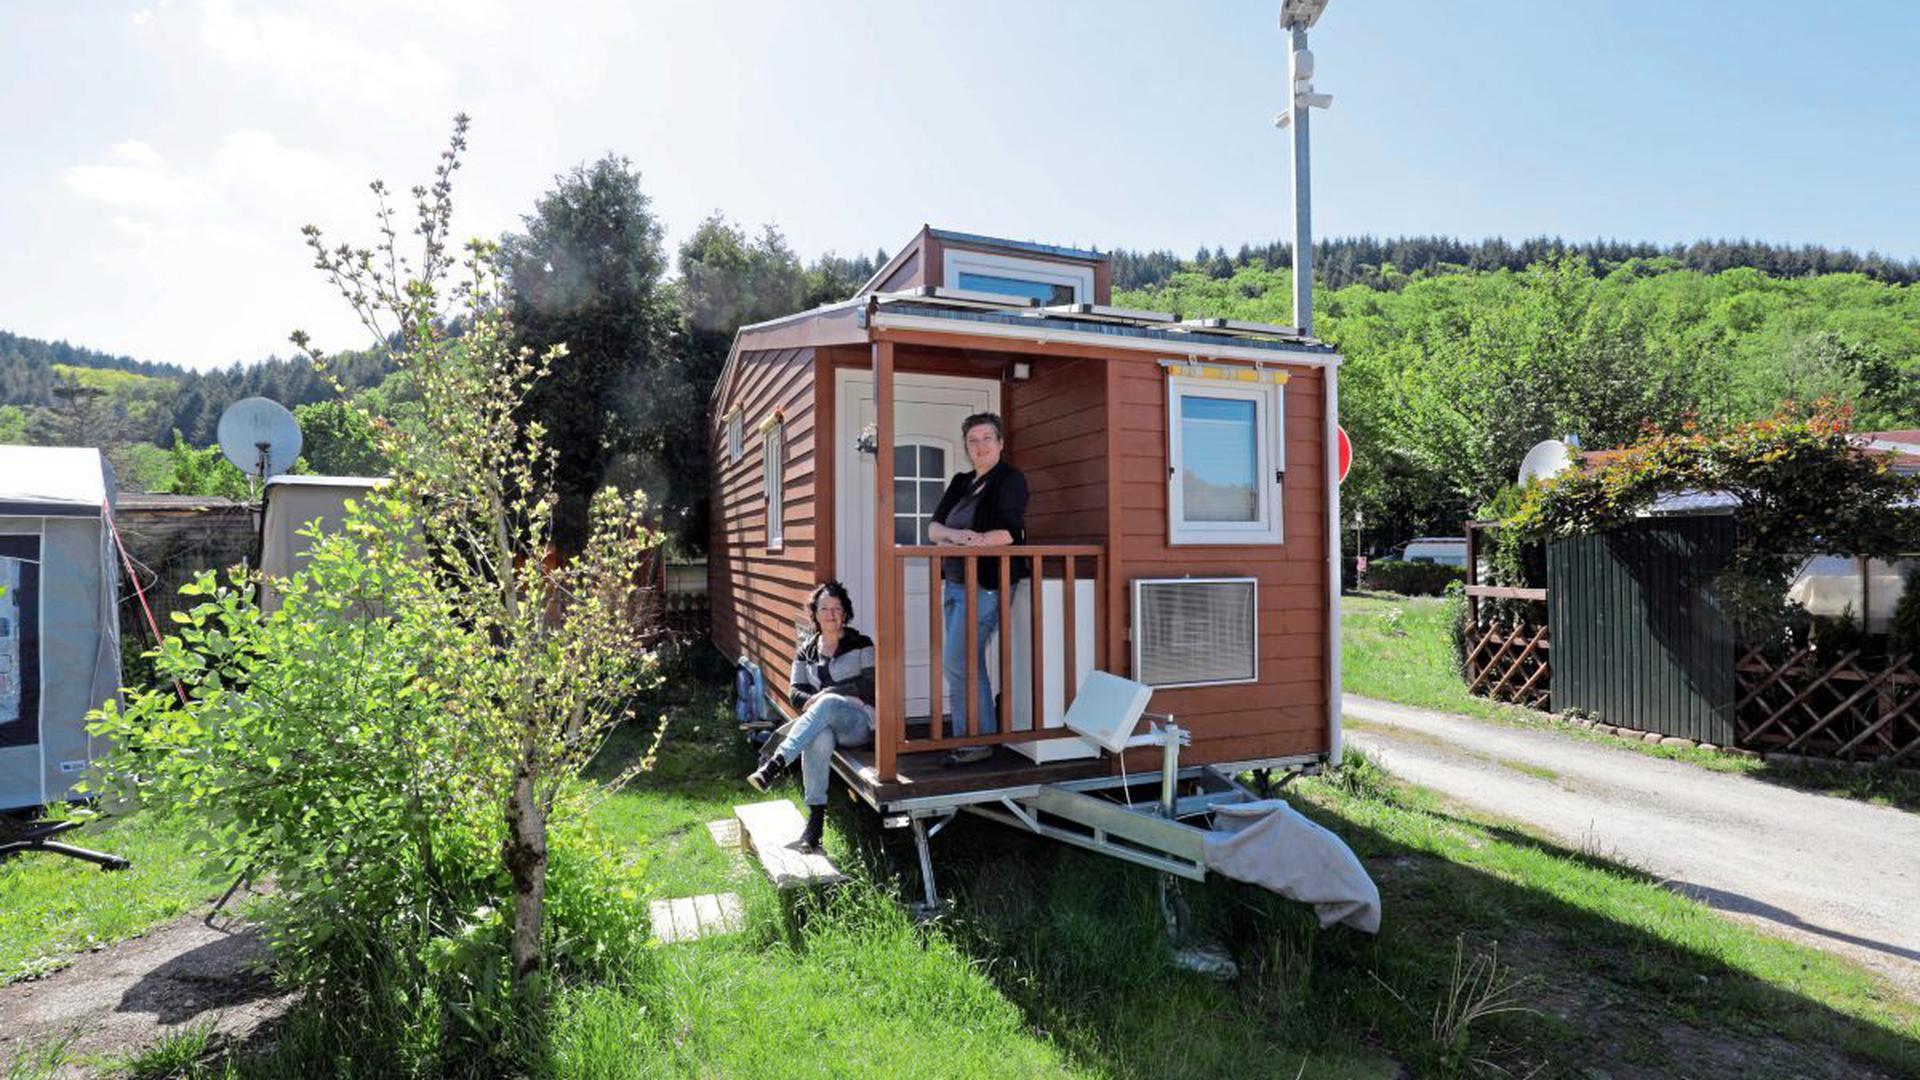 Die erste Tiny-House-Siedlung im Karlsruher Raum soll auf dem Campingplatz Albgau bei Ettlingen entstehen. Der Verein um Regina Schleyer (rechts) baut sein Netzwerk bundesweit mehr und mehr aus.